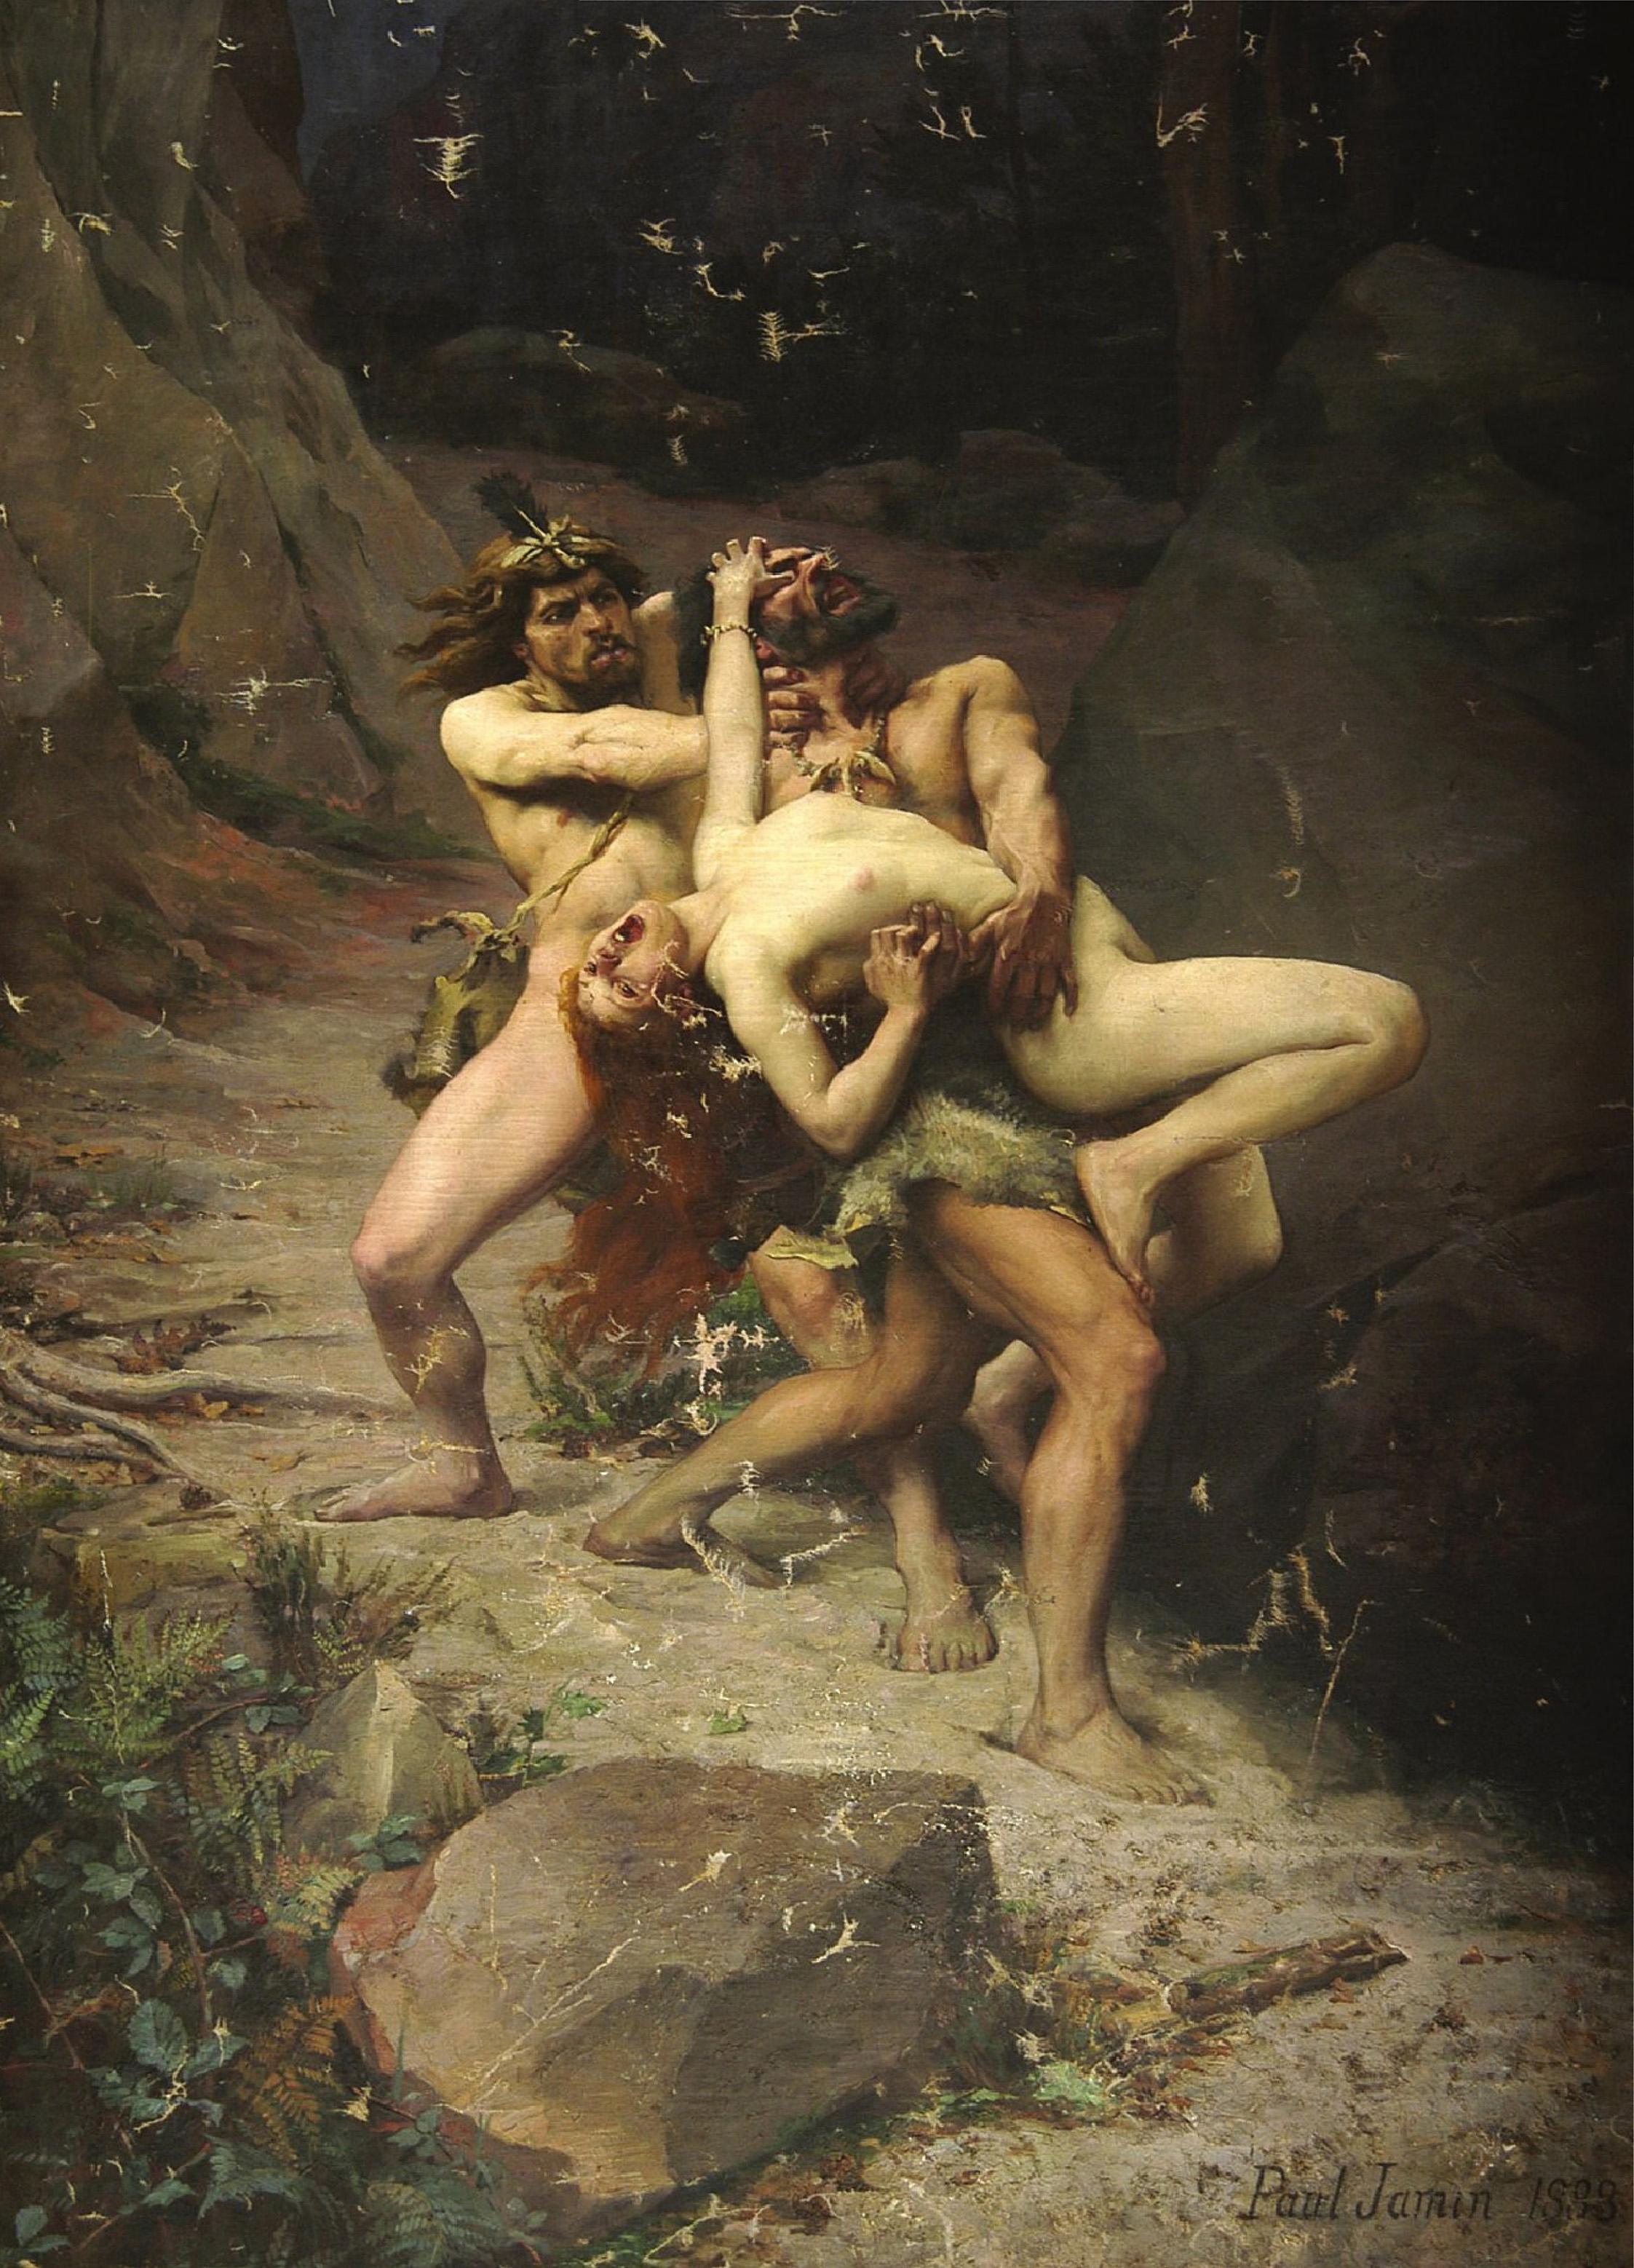 Le Rapt à l'age de pierre, 1888, Paul Jamin